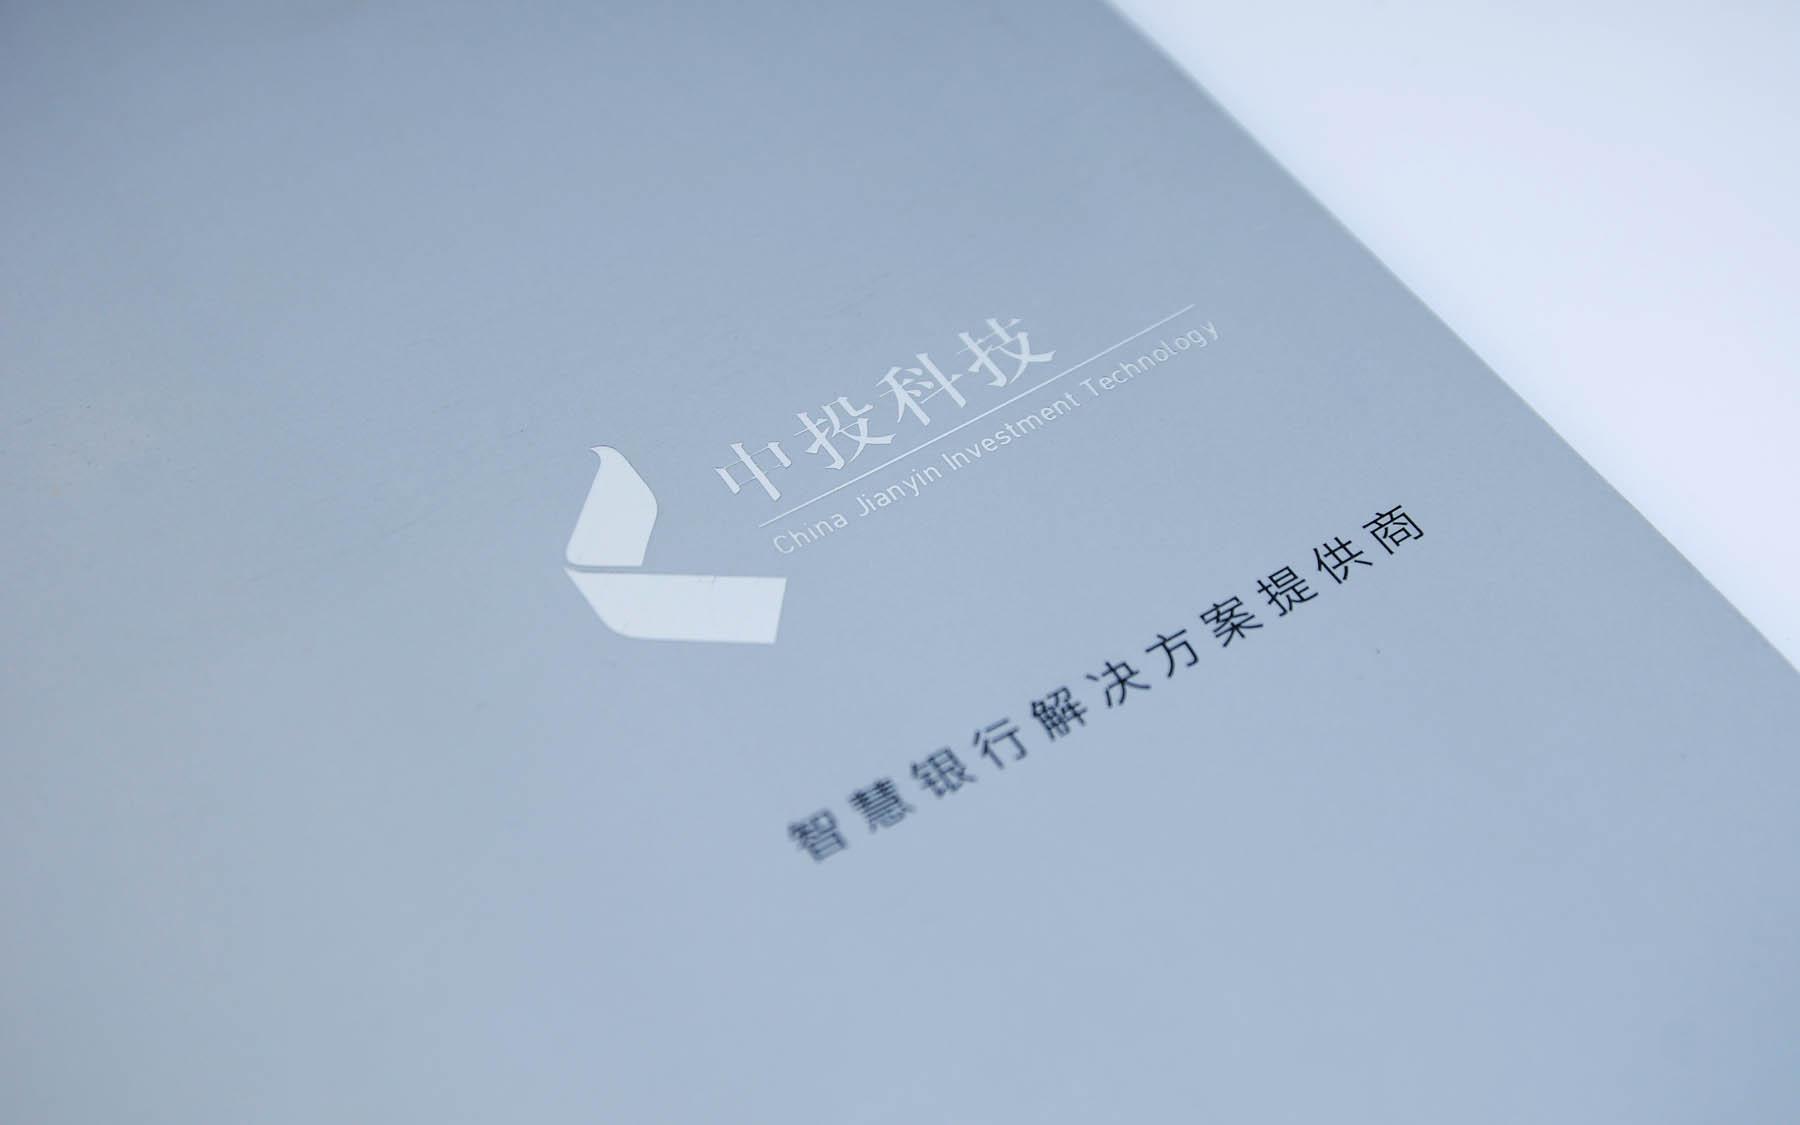 ontata_zhongtou technology_02